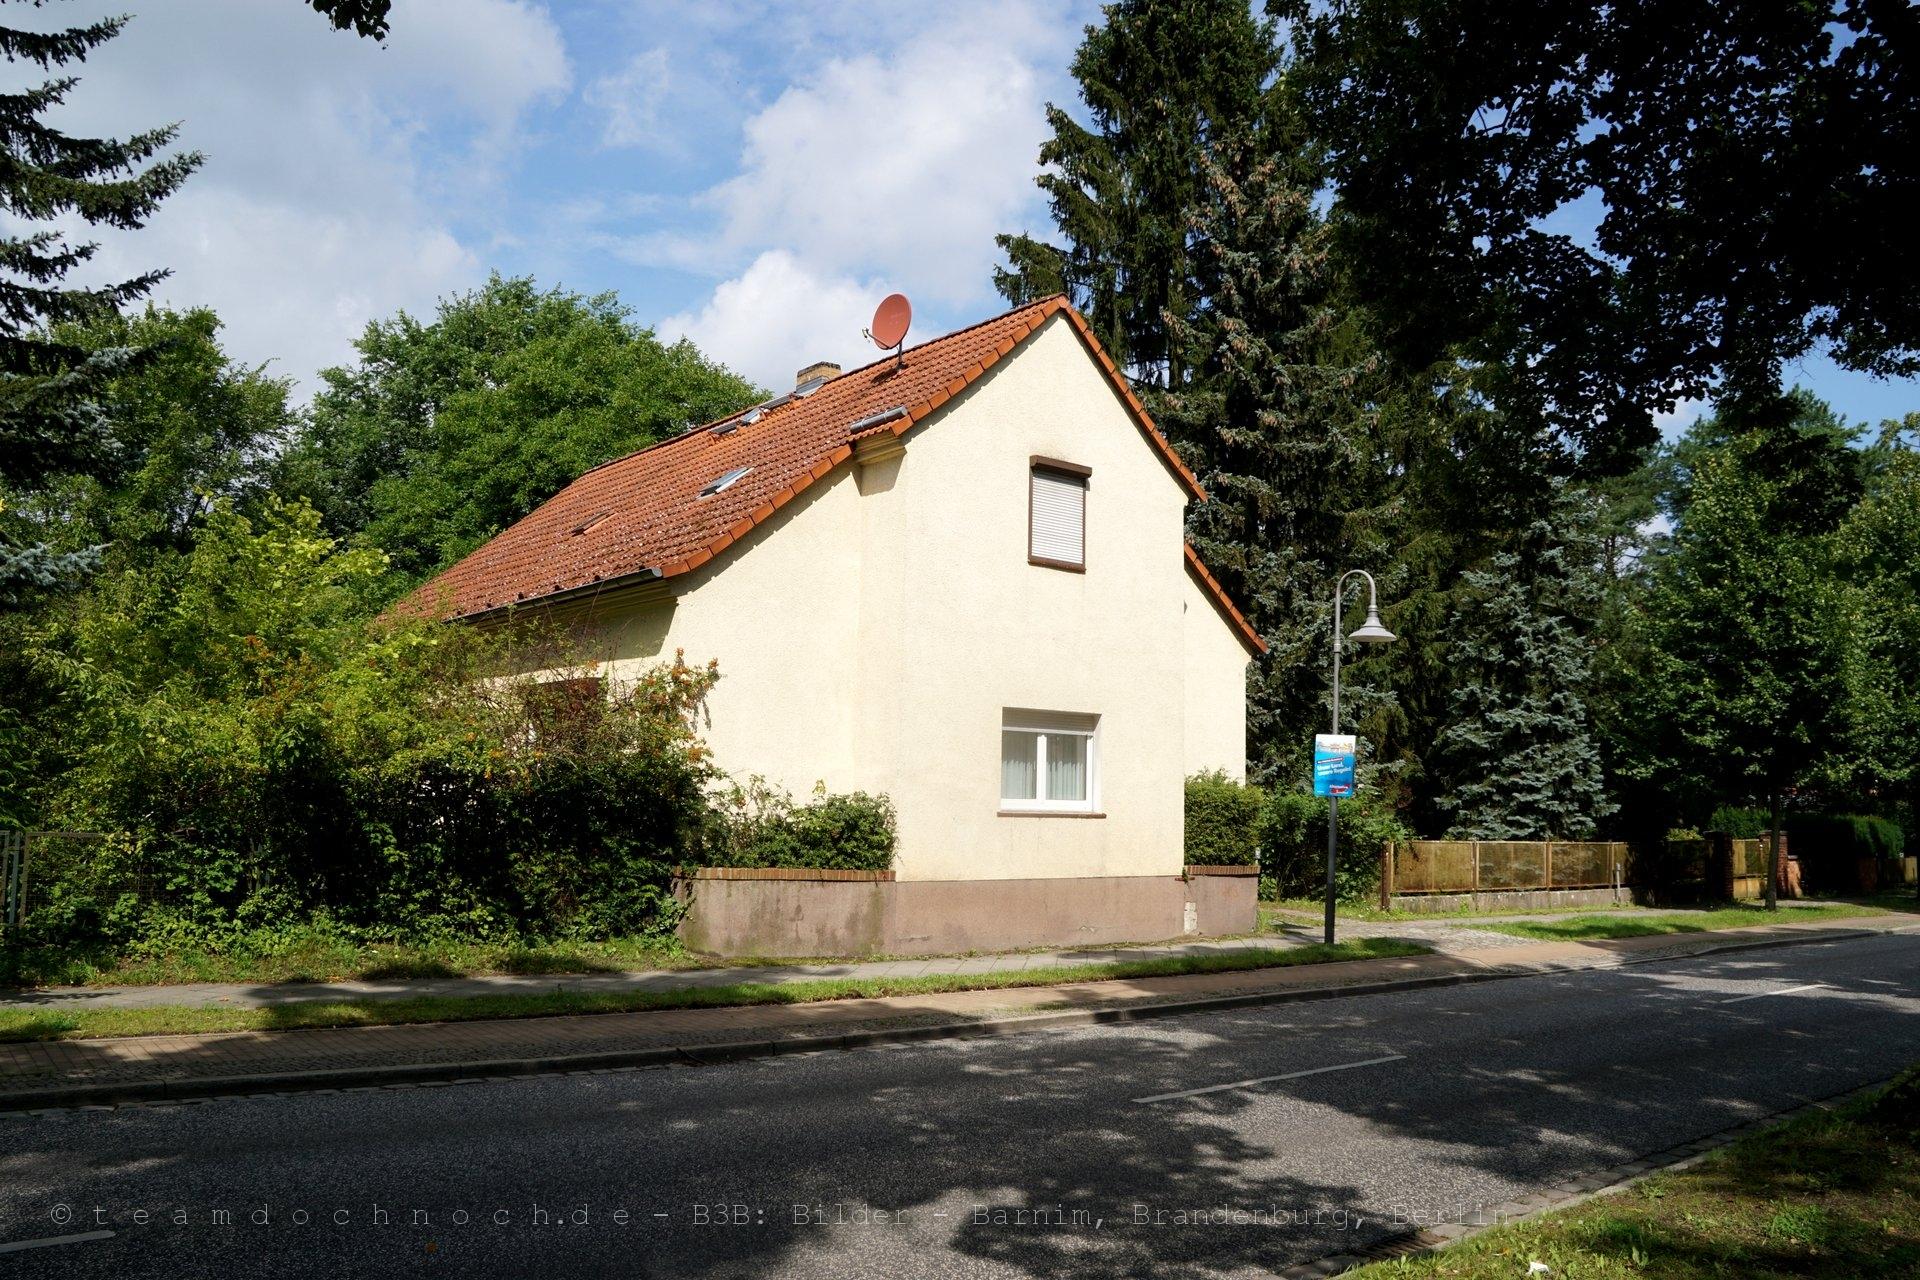 Chausseehaus in Birkenwerder